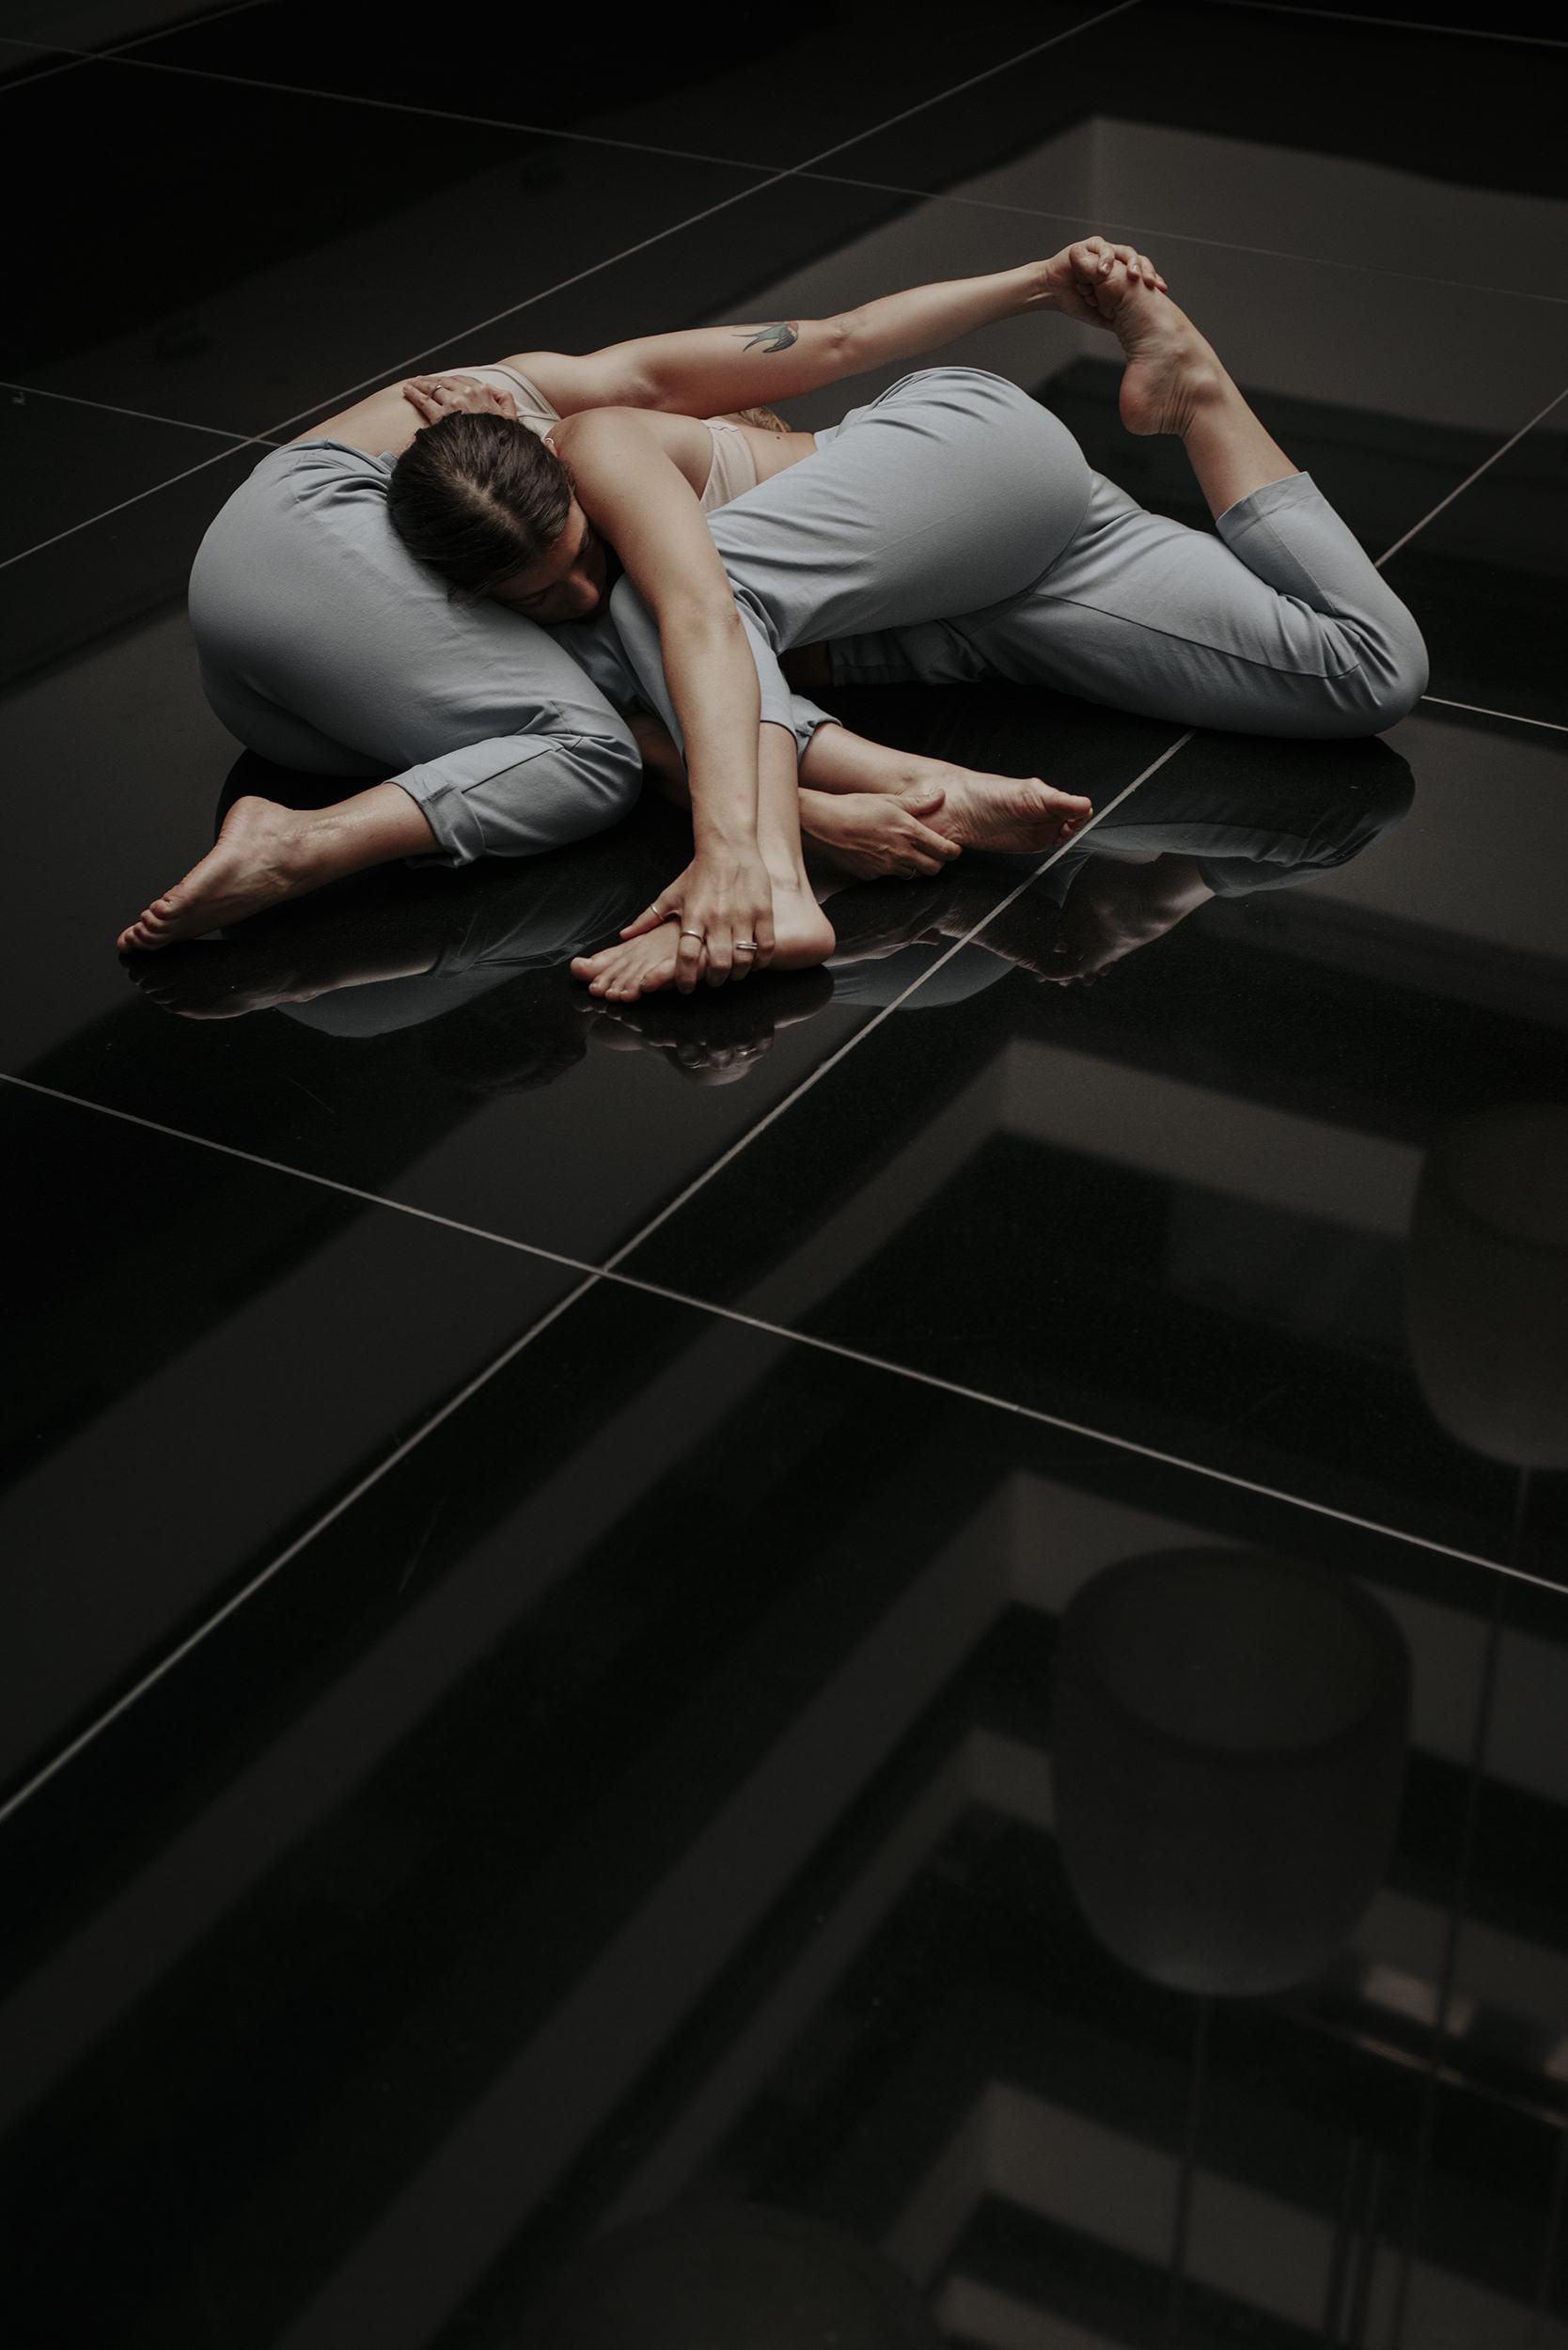 LOOK AT THINGS DIFFERENT. Carla y Sandra llegan para revolucionar la danza - image  on https://www.vanidad.es